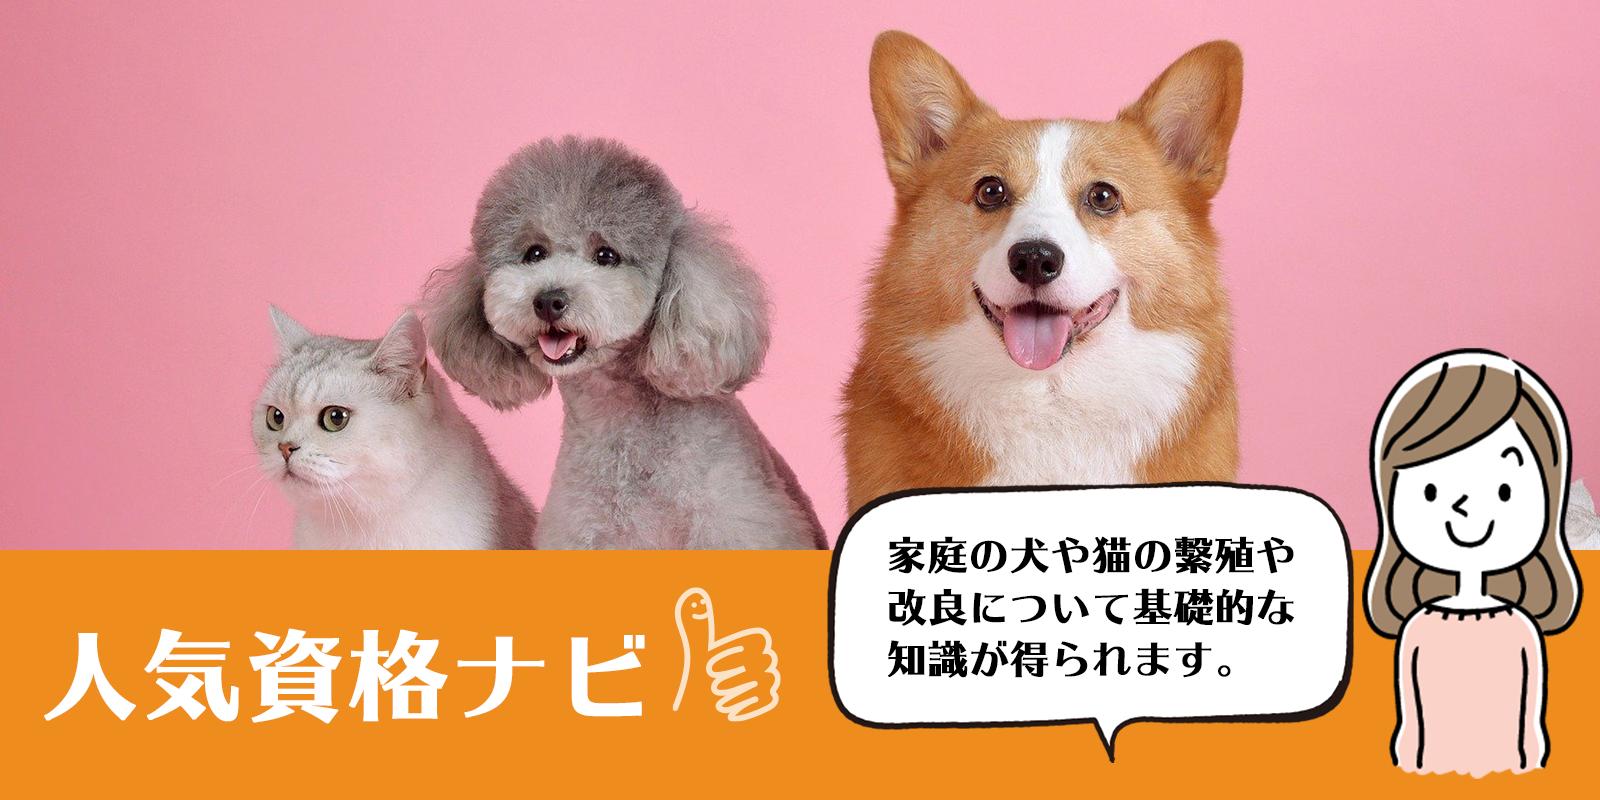 犬・猫ペットブリーダー資格のアイキャッチ画像